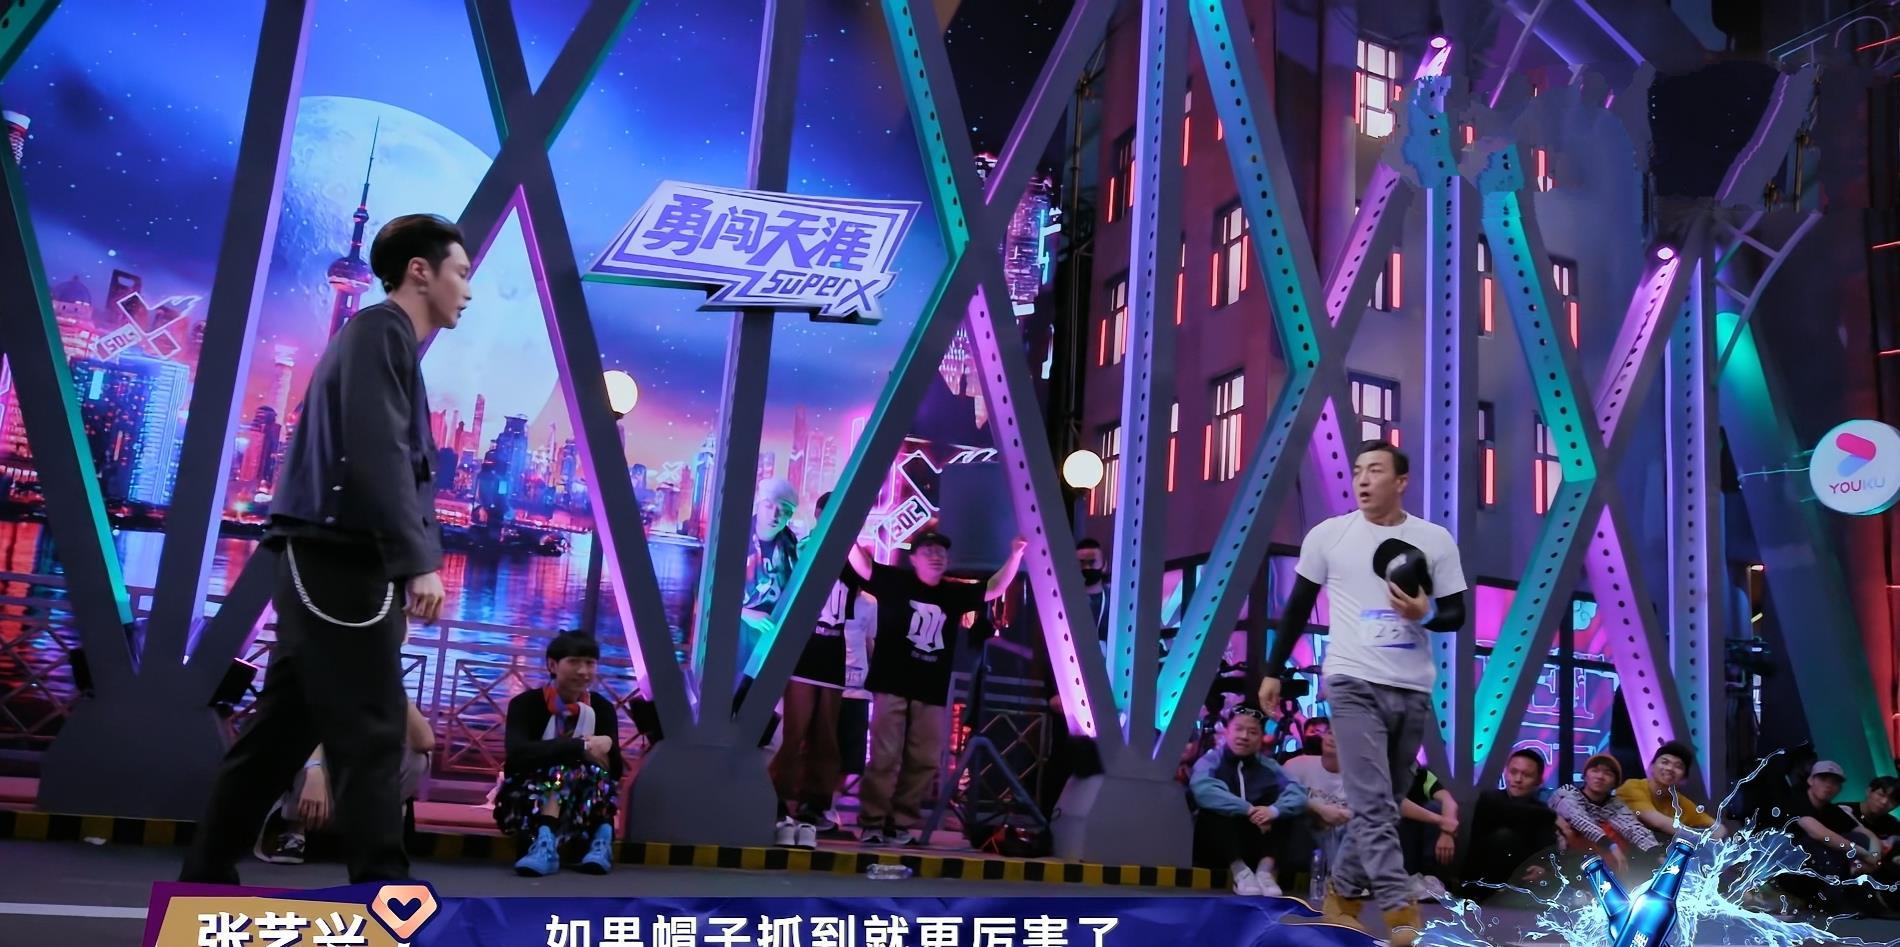 《街舞3》张艺兴Krump征服全场,KOD创始人高博表示,想给他扔鞋